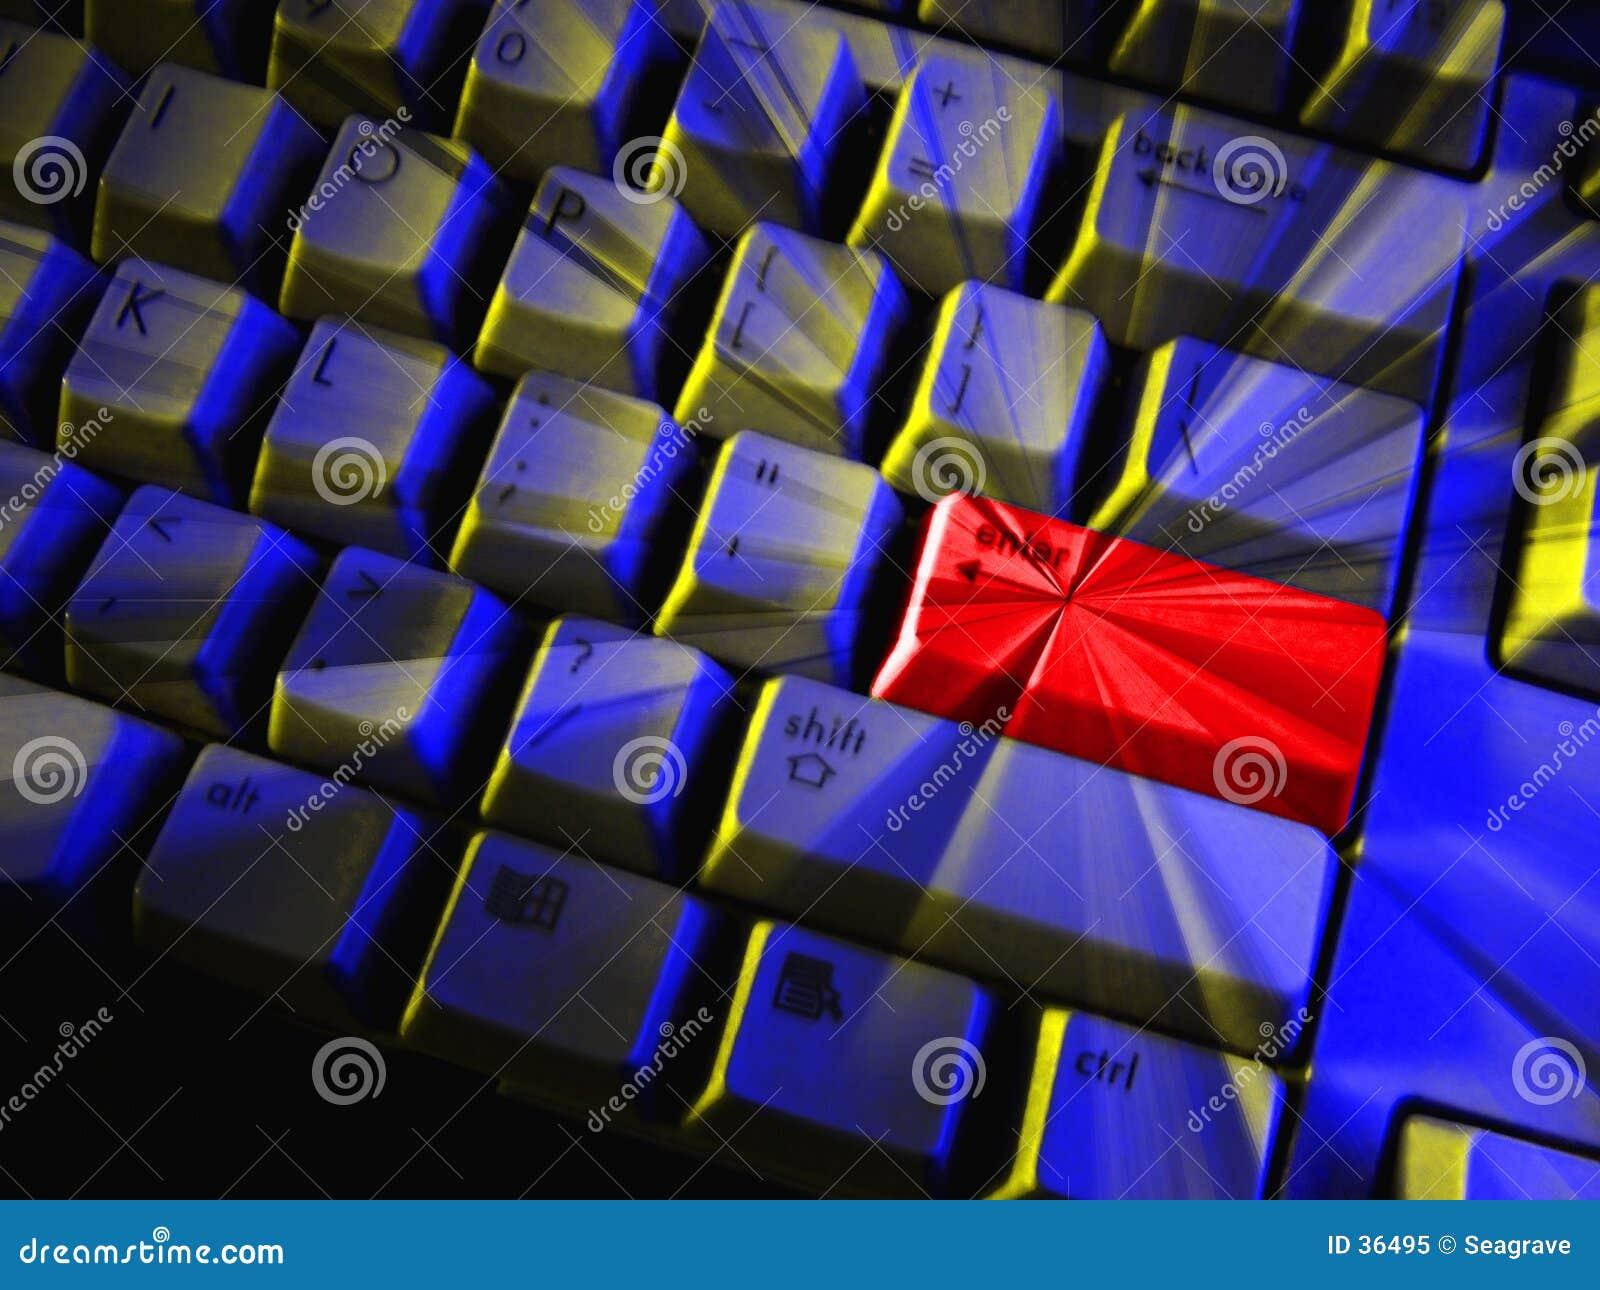 Download Wchodzi obraz stock. Obraz złożonej z klucz, komputery, klawiatura - 36495